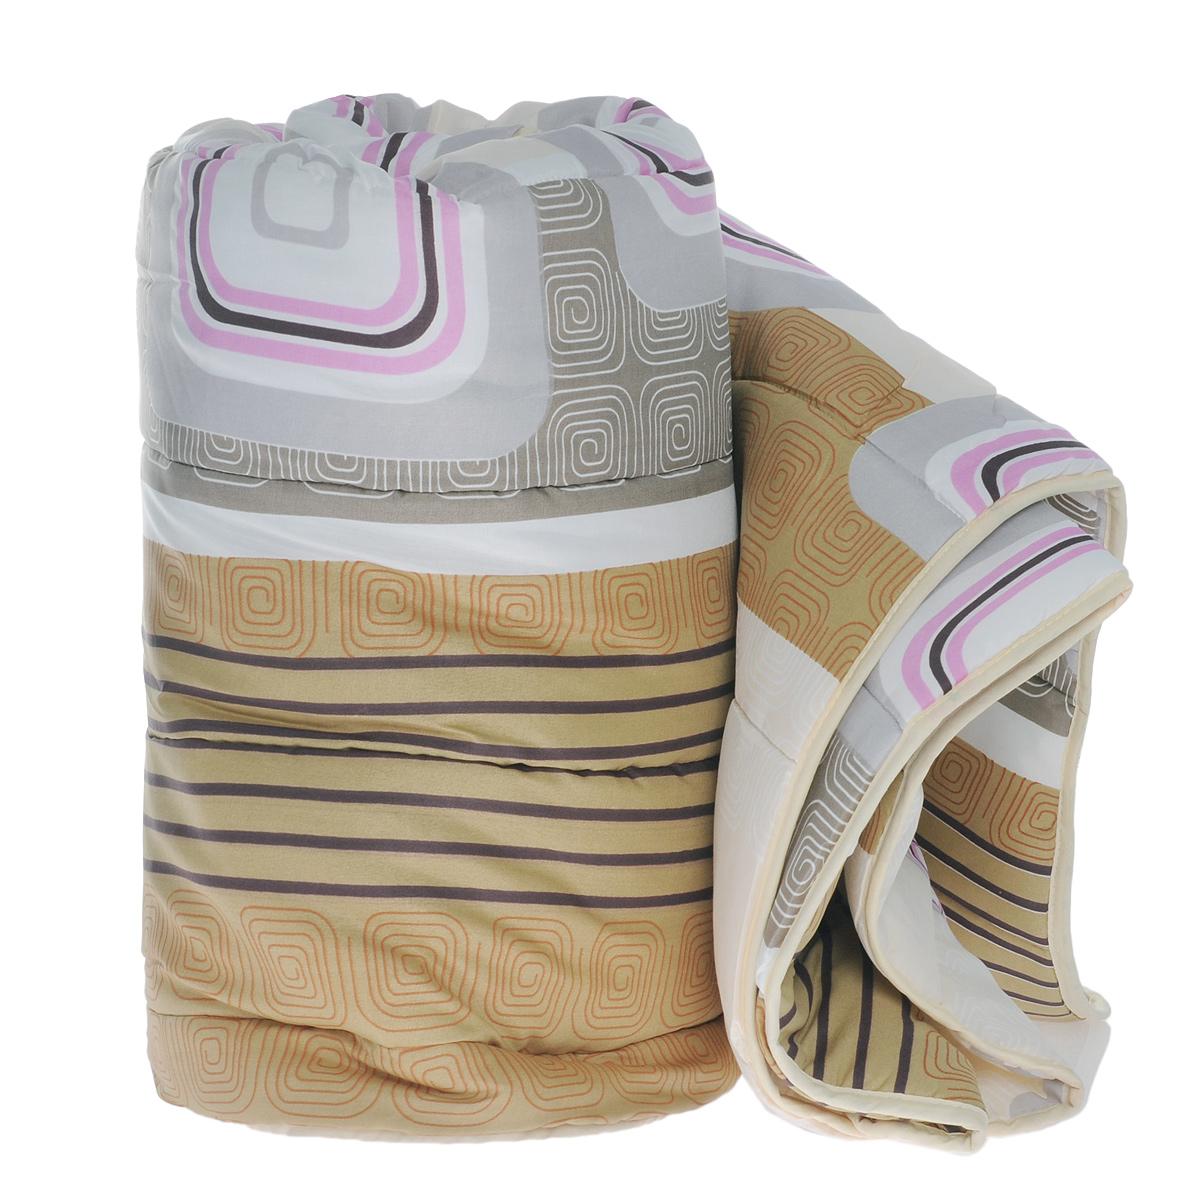 """Одеяло всесезонное OL-Tex """"Miotex"""", наполнитель: полиэфирное волокно Holfiteks, 172 х 205 см, в ассортименте"""